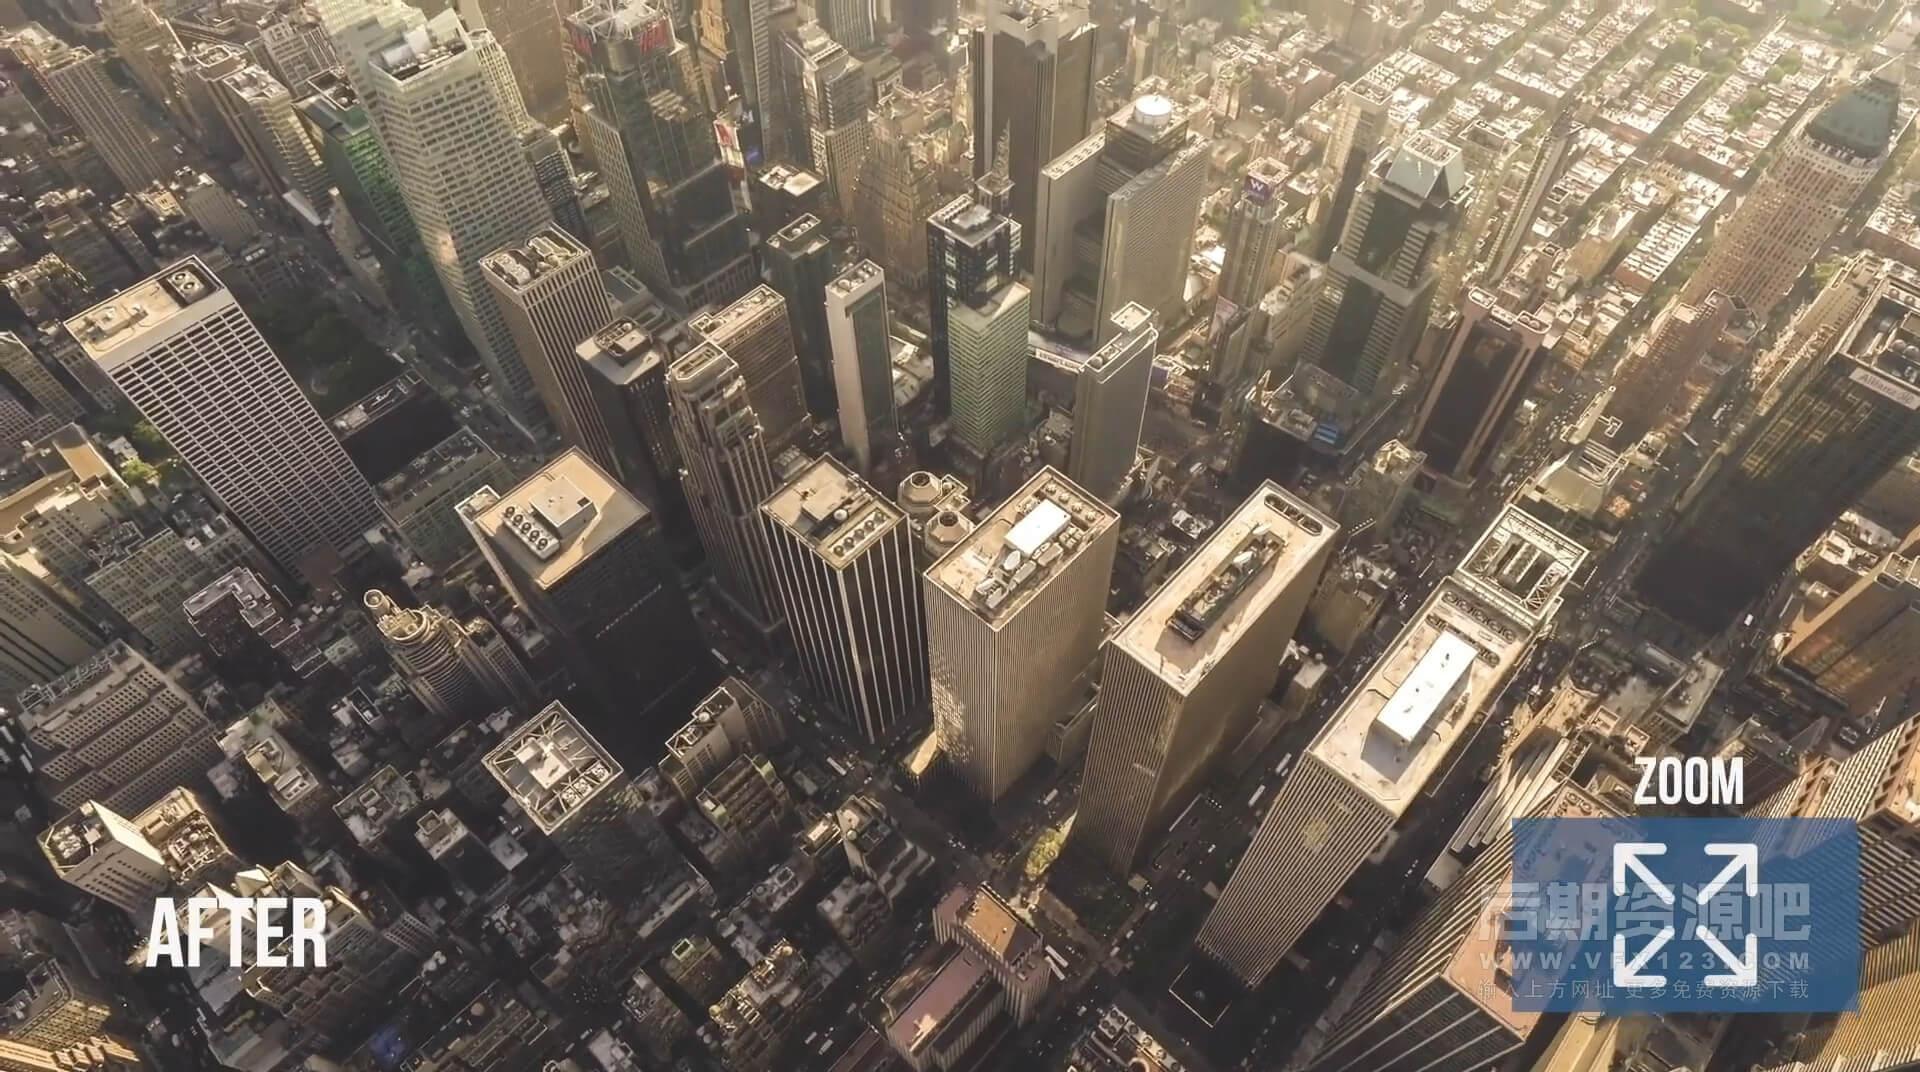 Fcpx插件 模拟相机手持拍摄抖动镜头聚焦变焦缩放搜索效果 CineFlare HandHeld V3 | MAC影视后期资源站